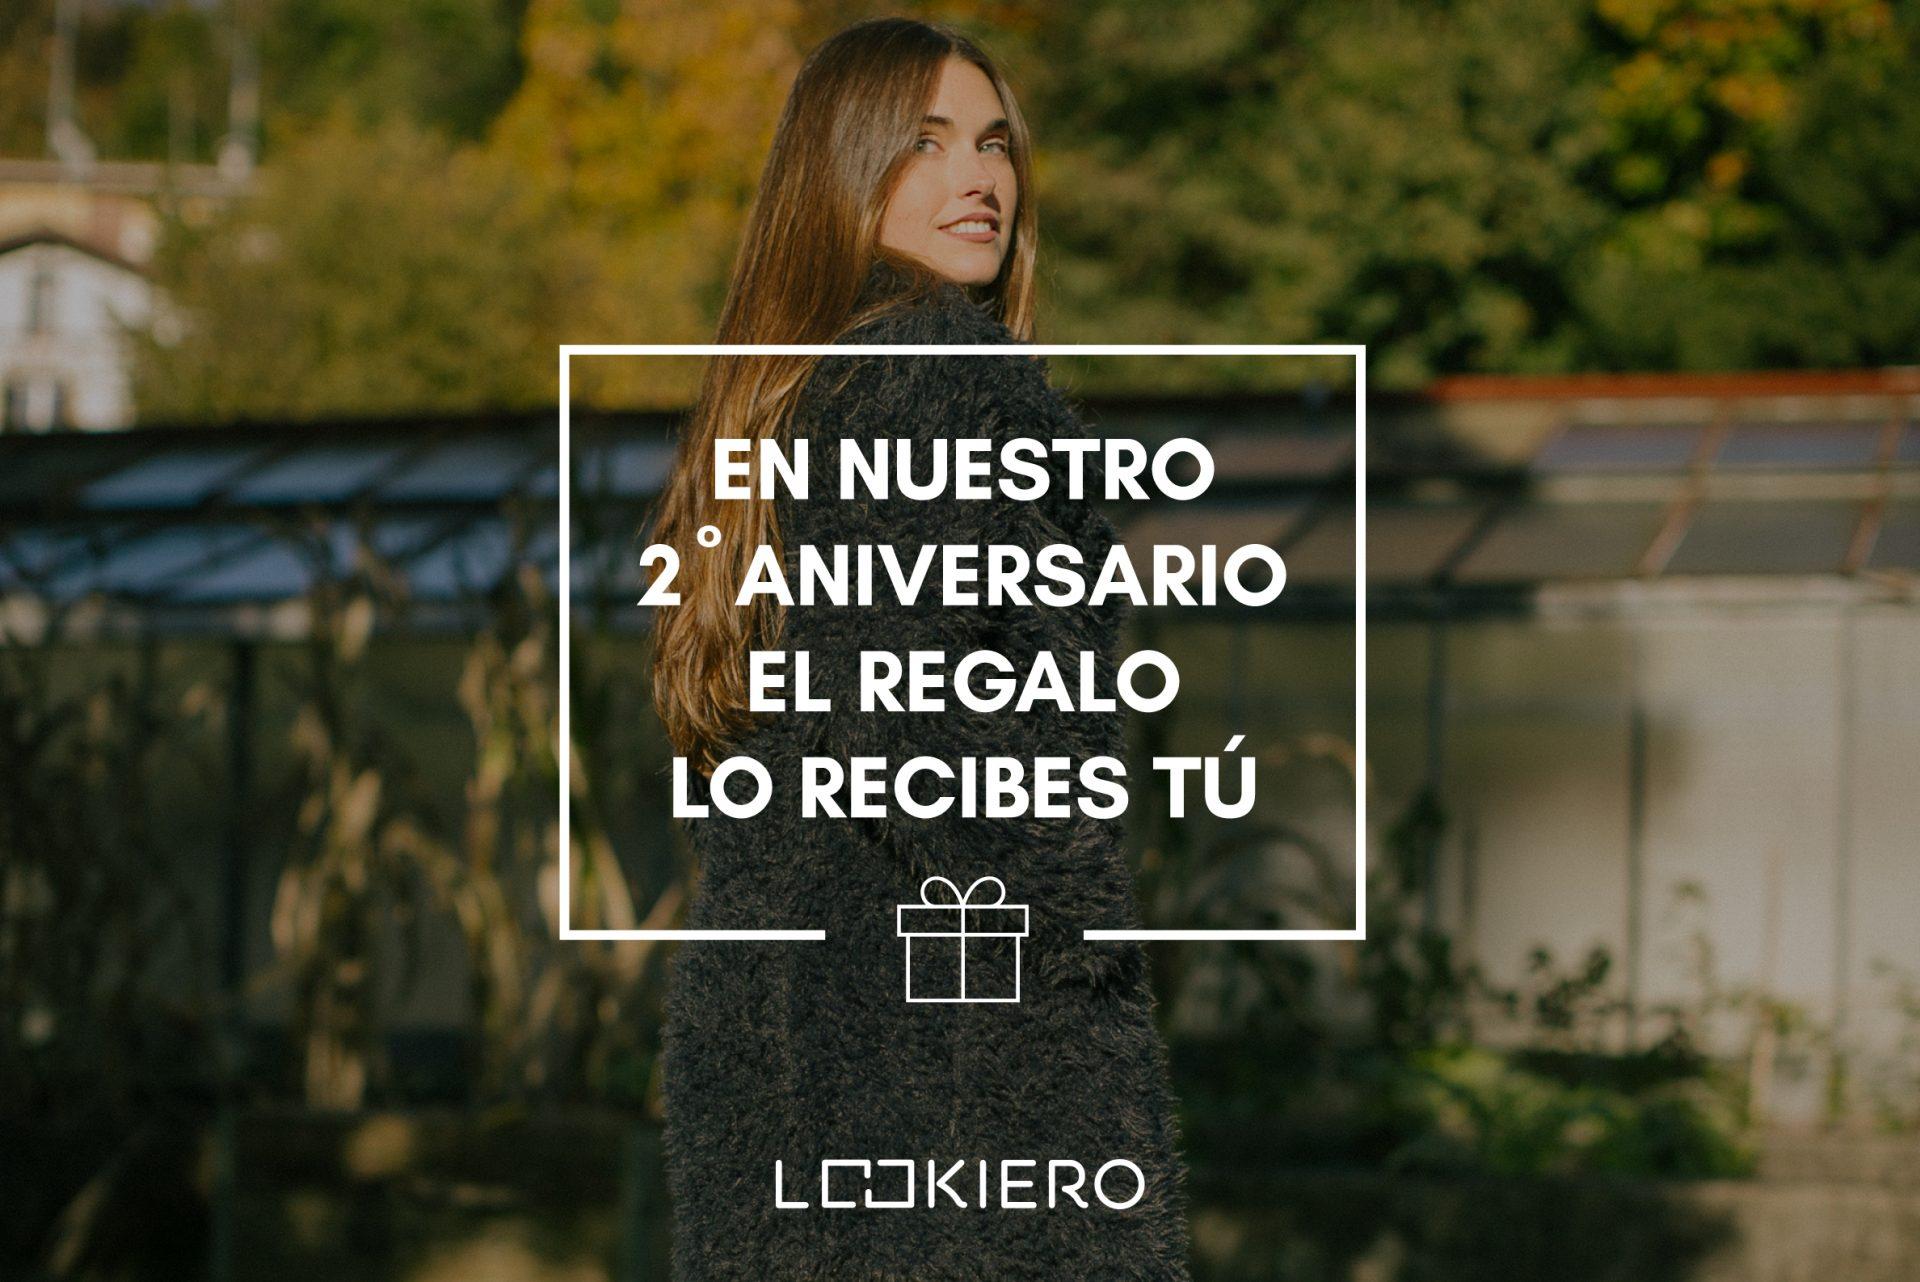 Sorteo aniversario de Lookiero España